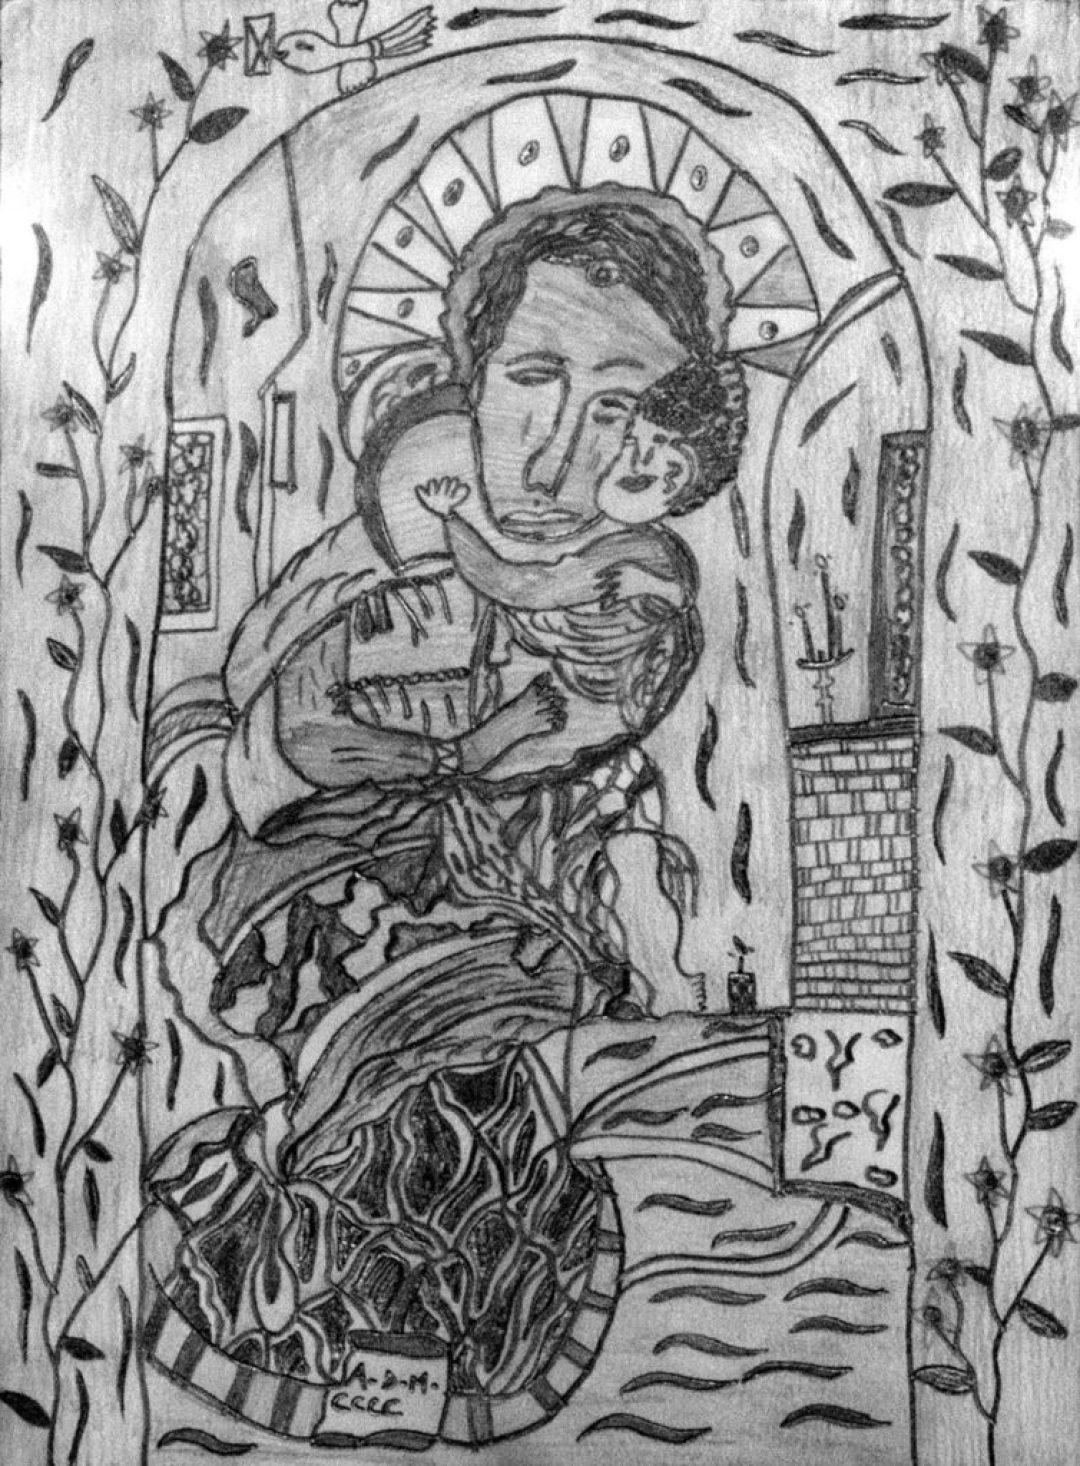 Christelle Hawkaluk, sans titre, 2009, crayon gris sur papier, 34 x 25 cm